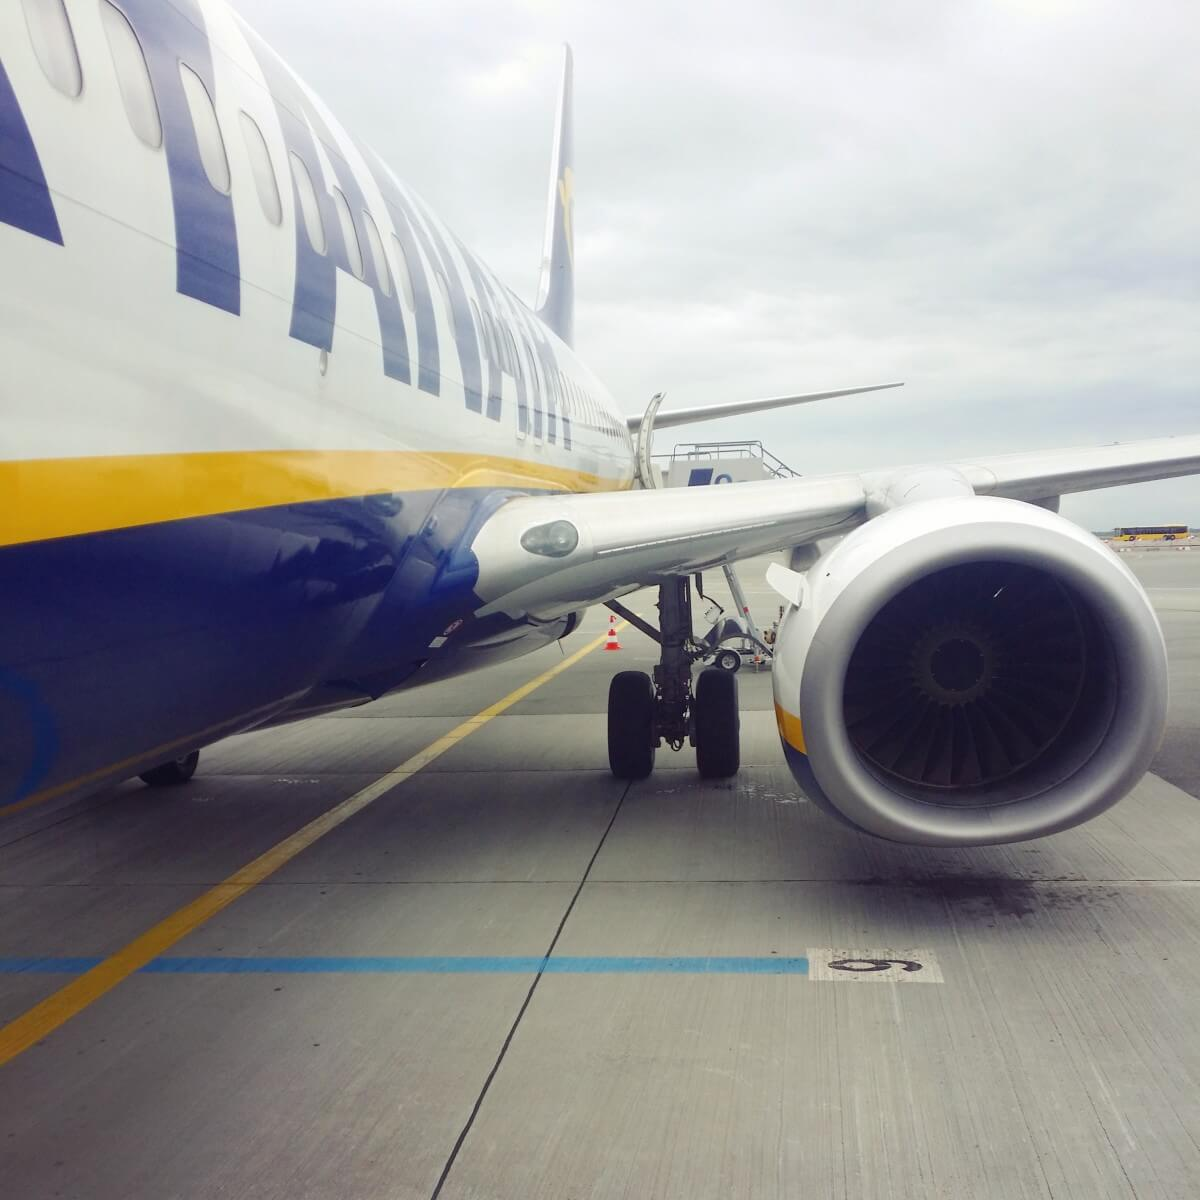 Secret Tips and Tricks For Flying Ryanair - Where Is Tara?